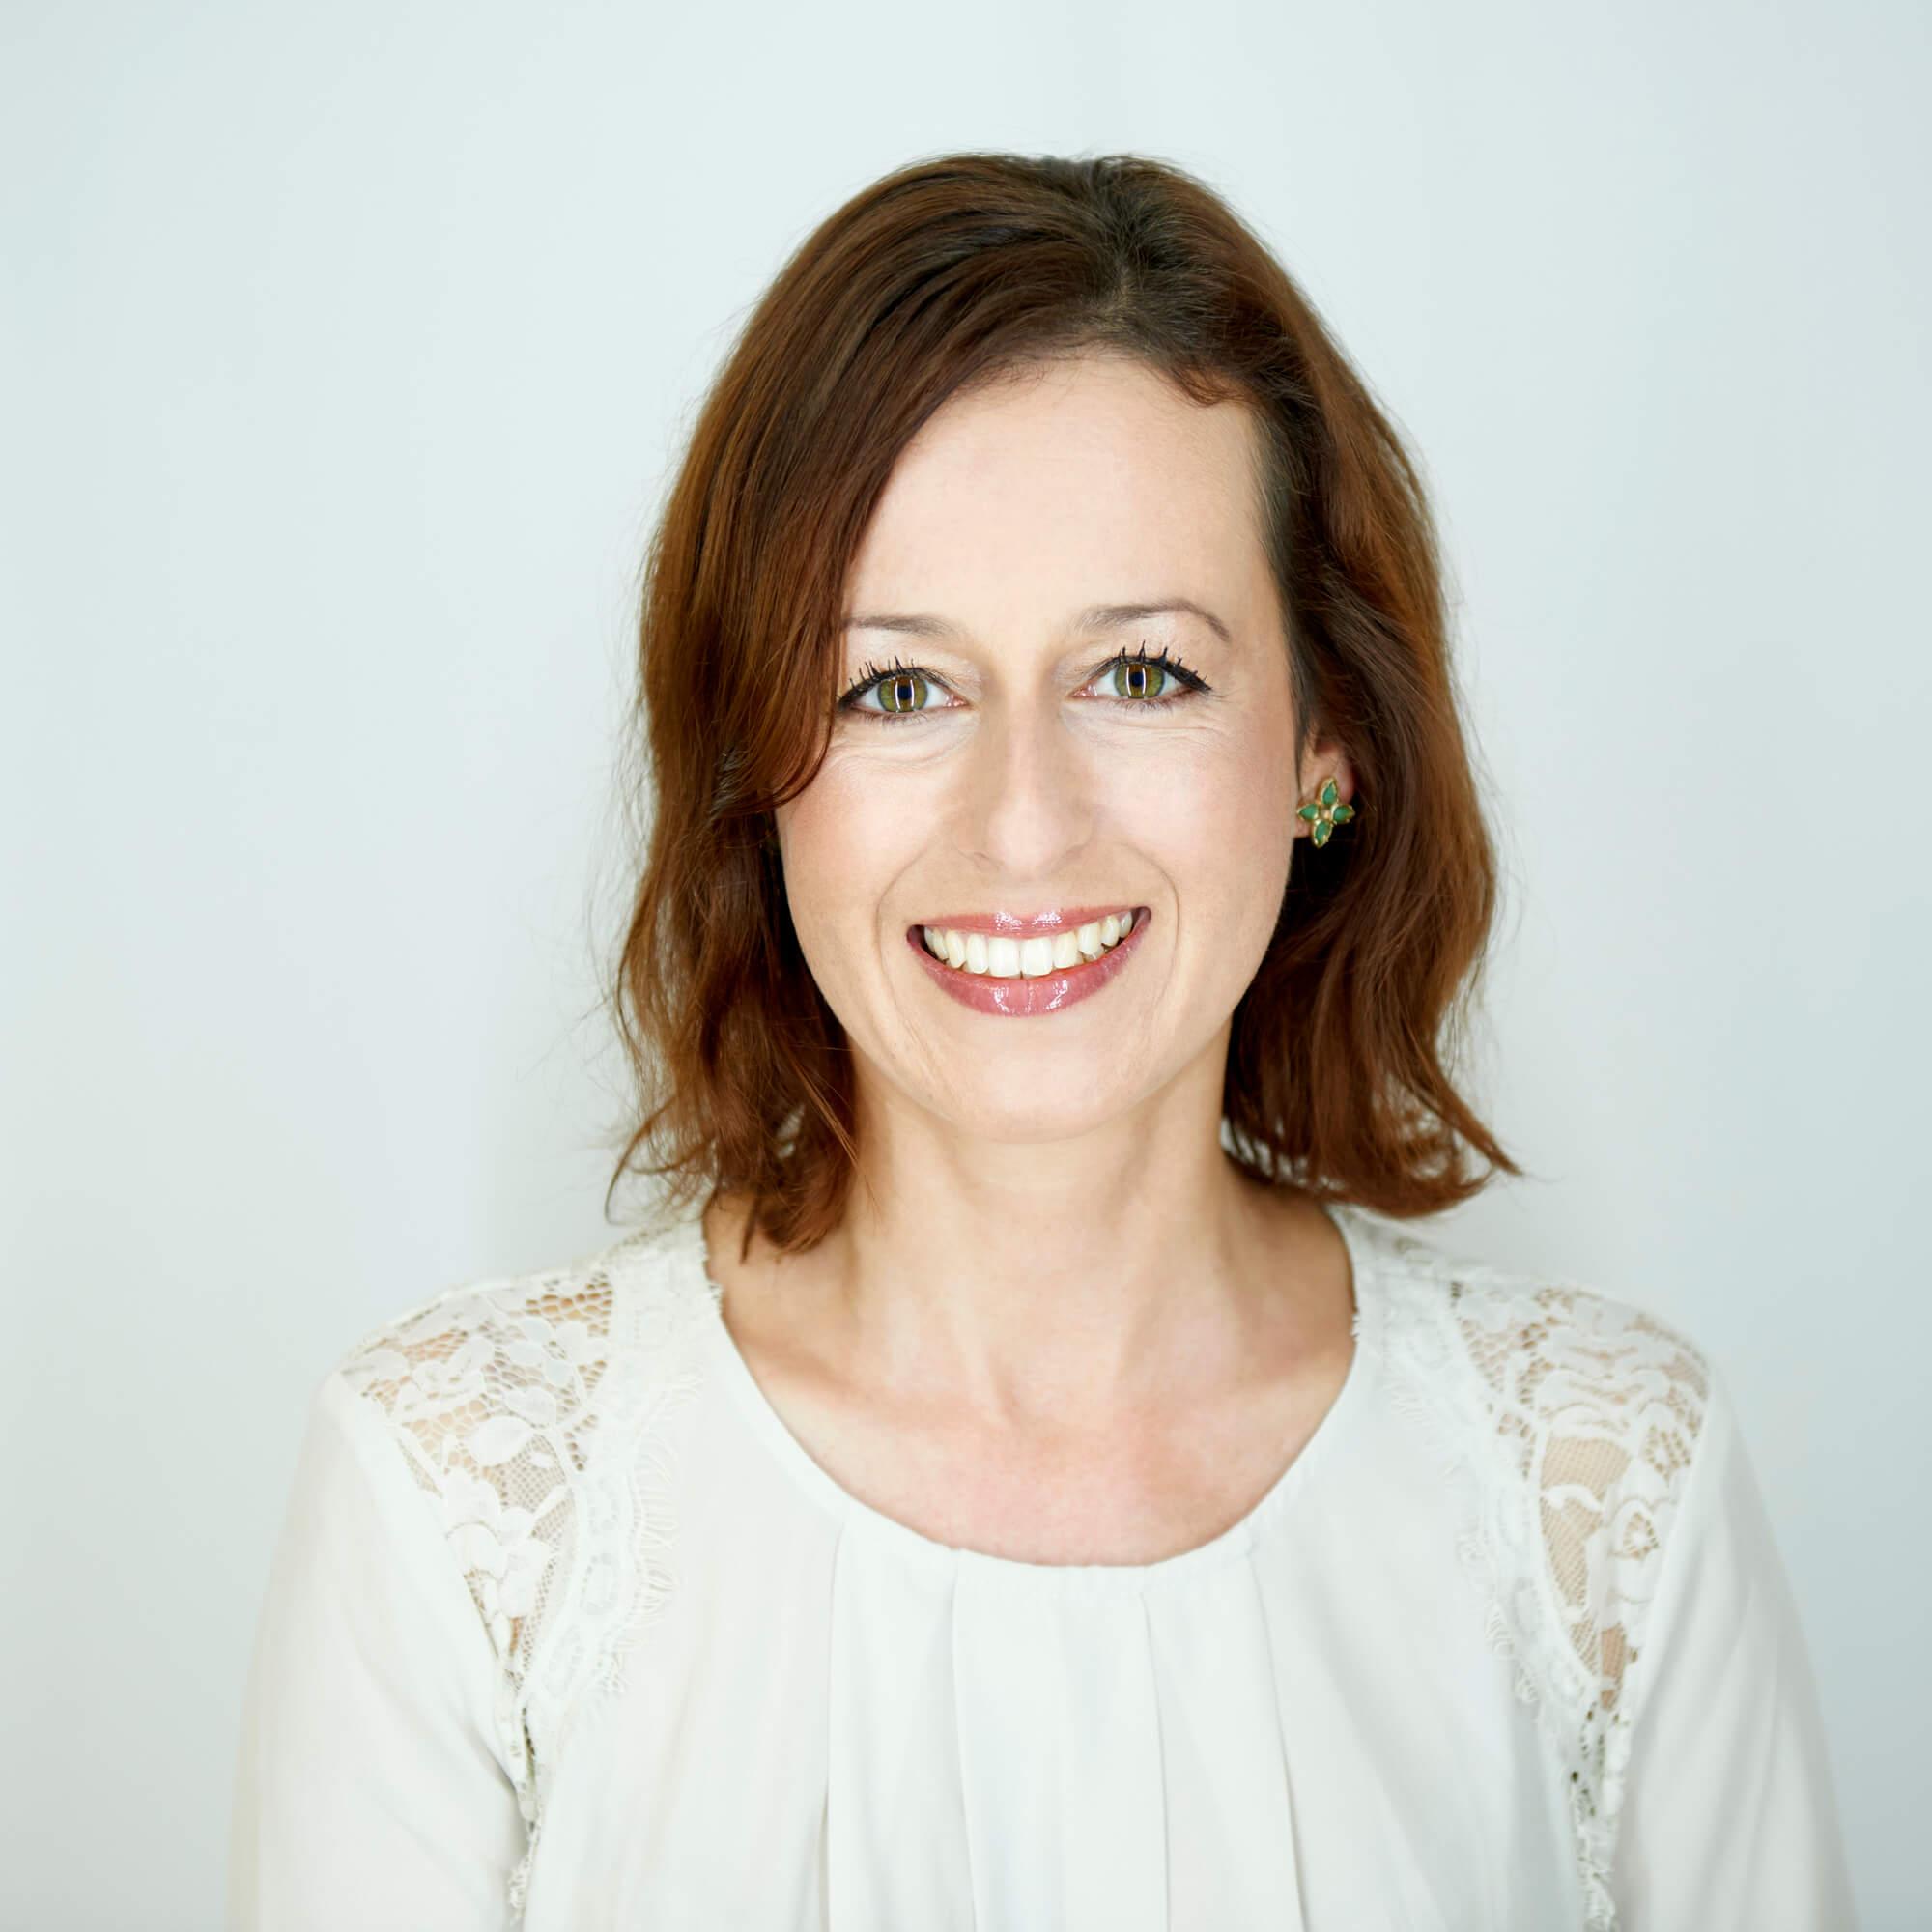 Sarah Mentgen